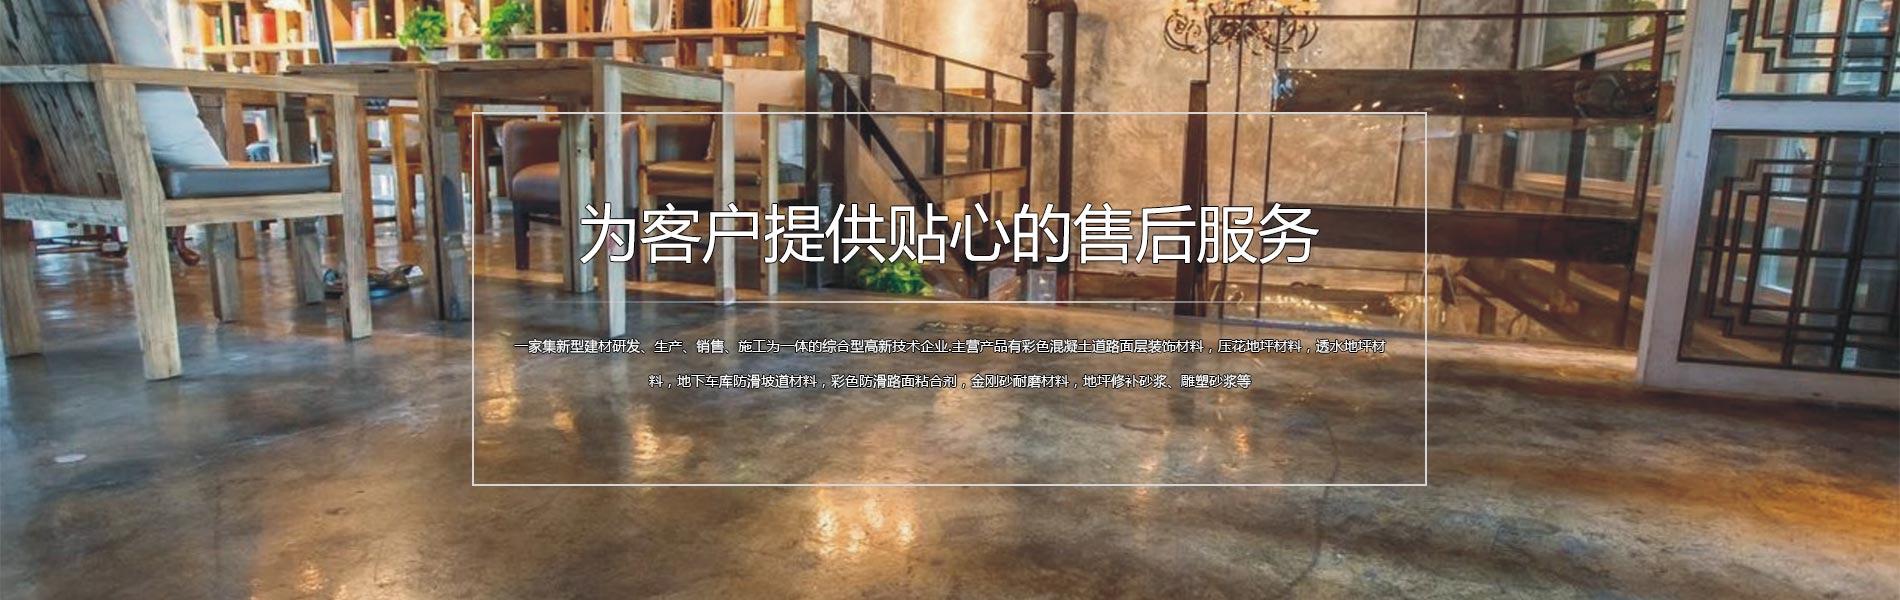 上海茂瀛实业发展有限公司